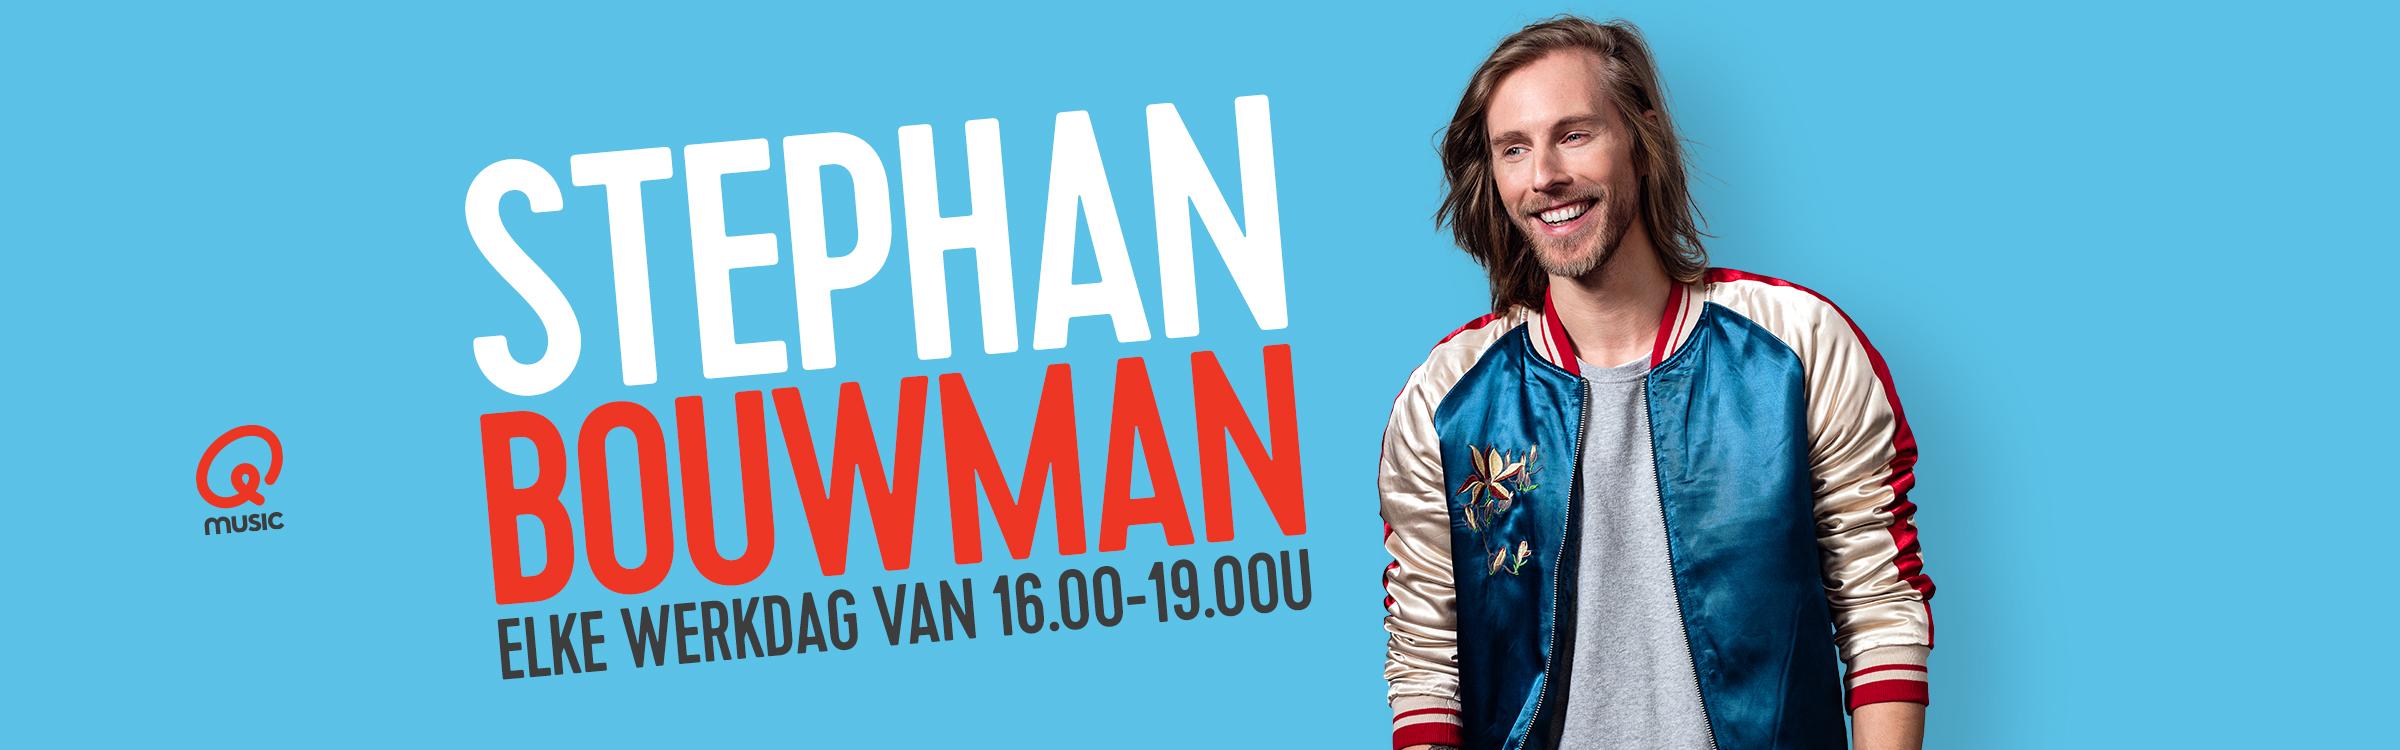 Stephan Bouwman